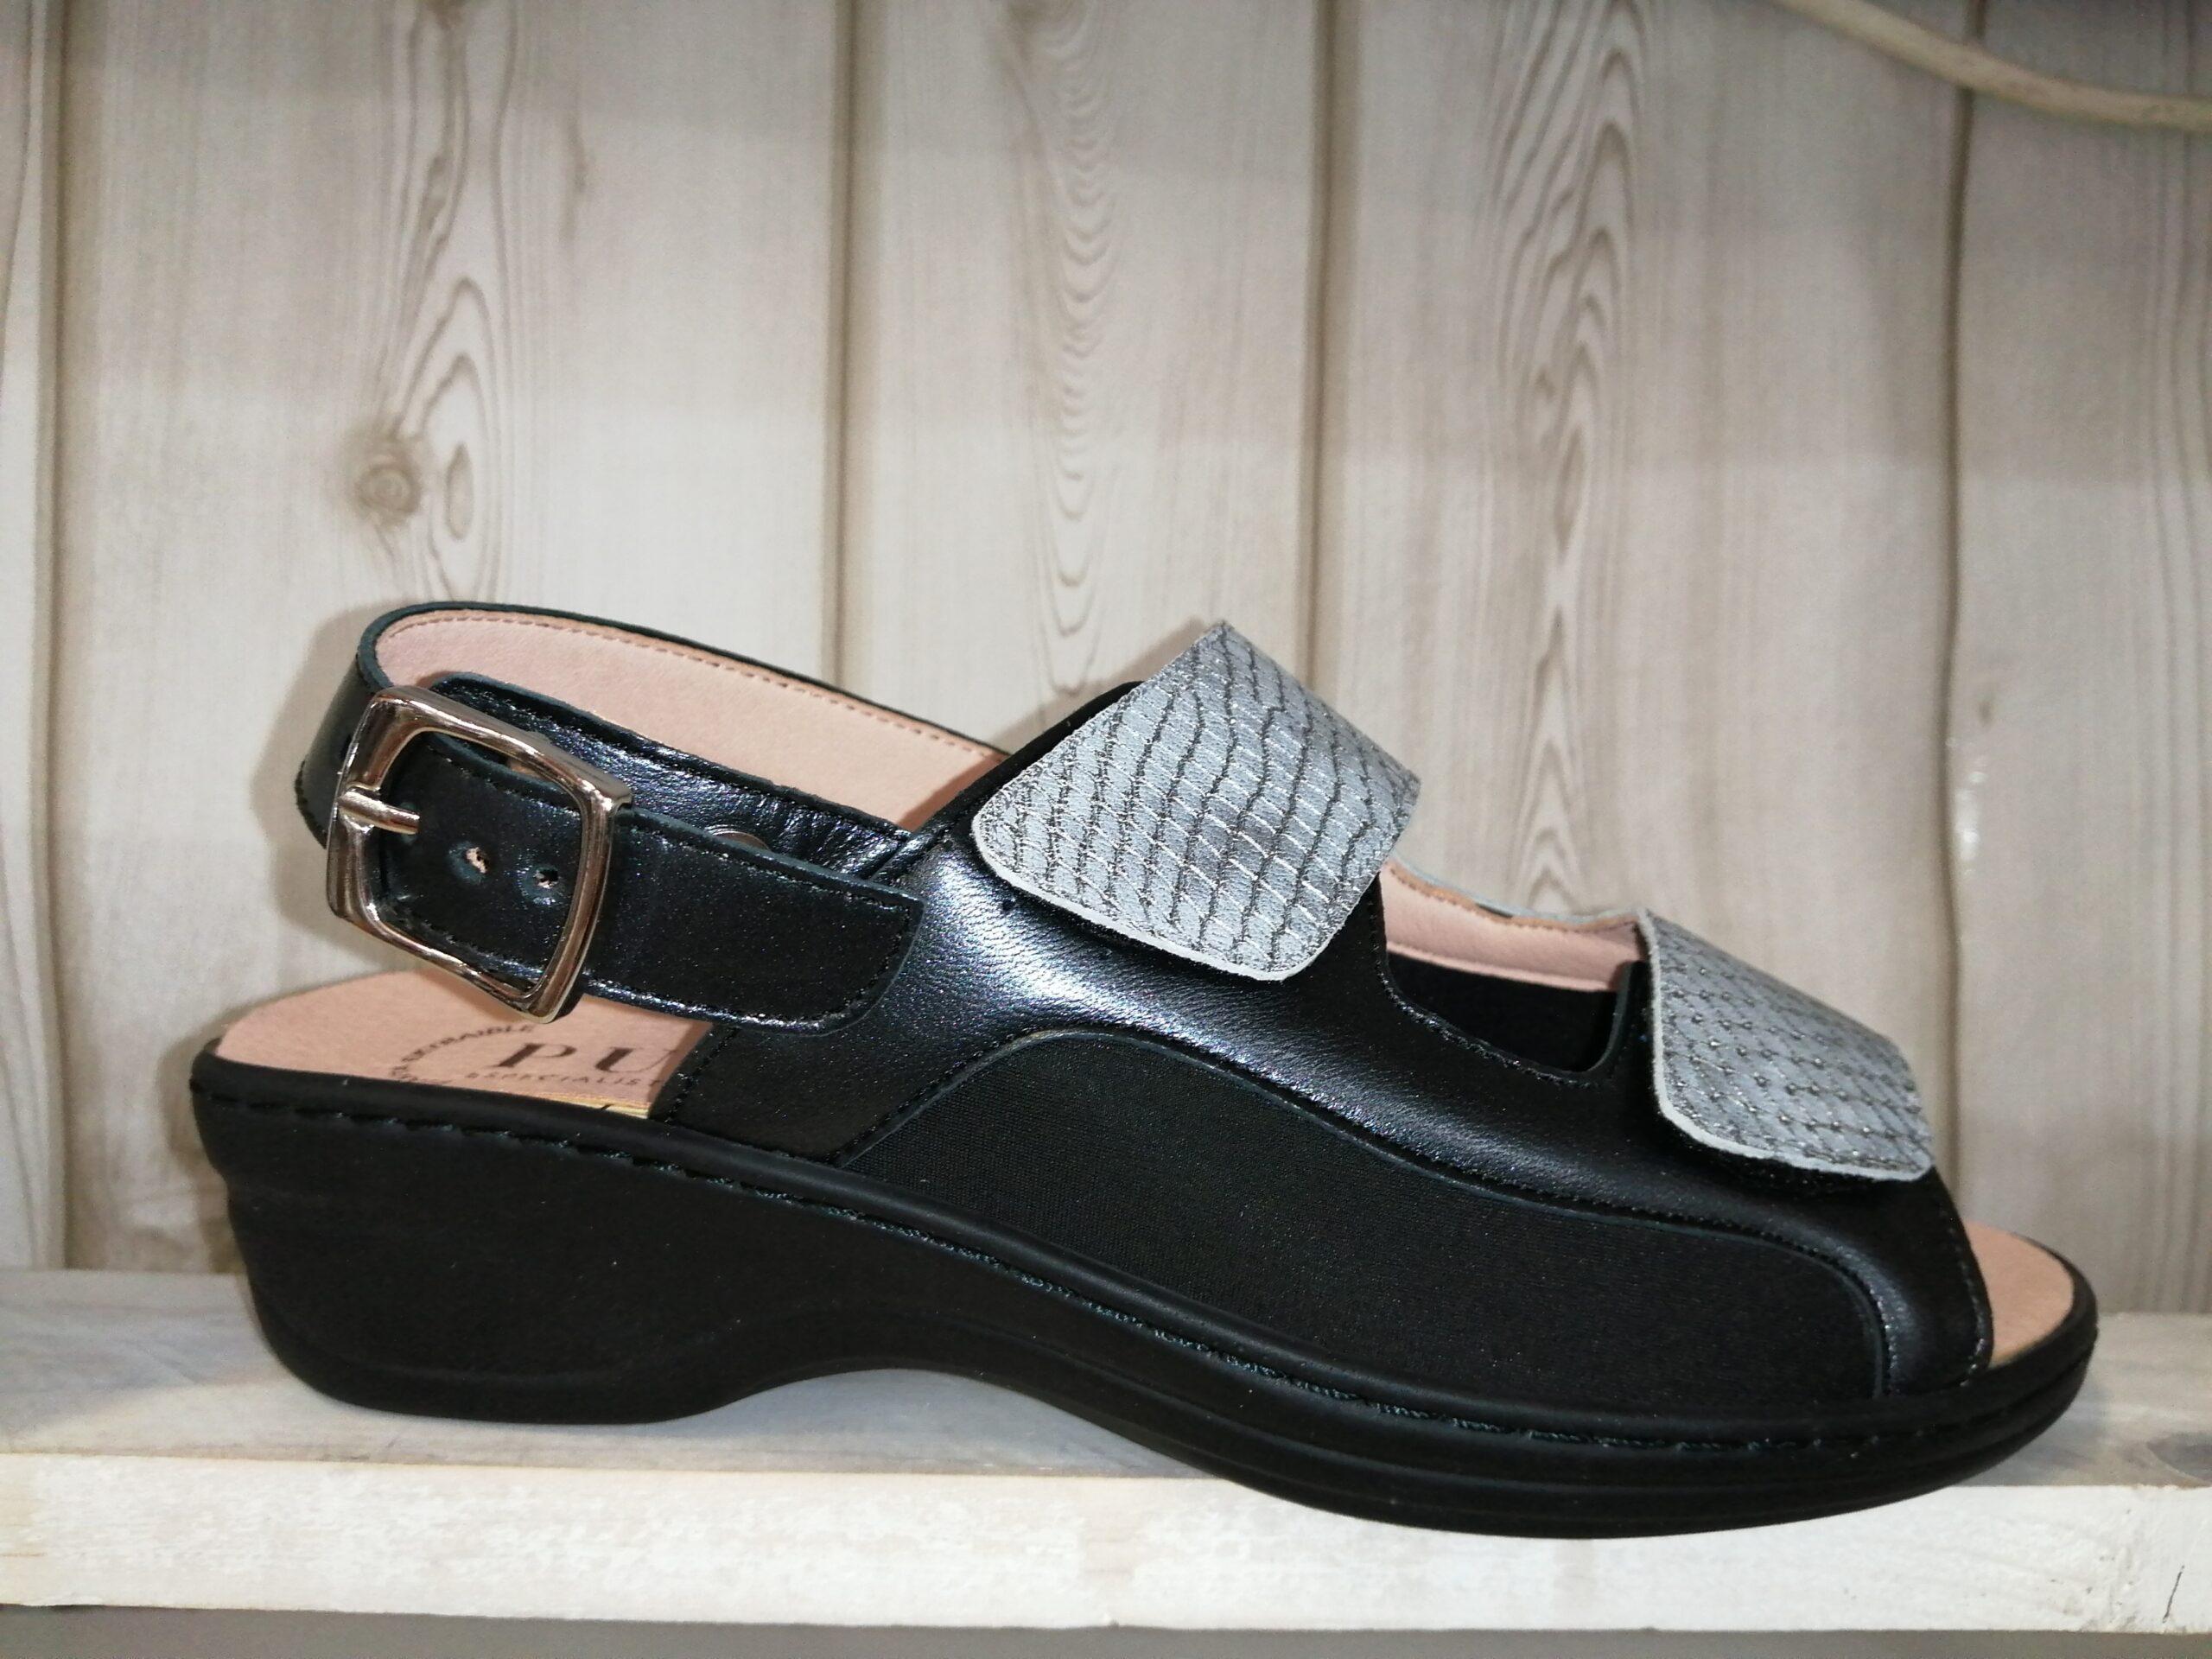 Sandalia sra confort velcros PUCHE 6187